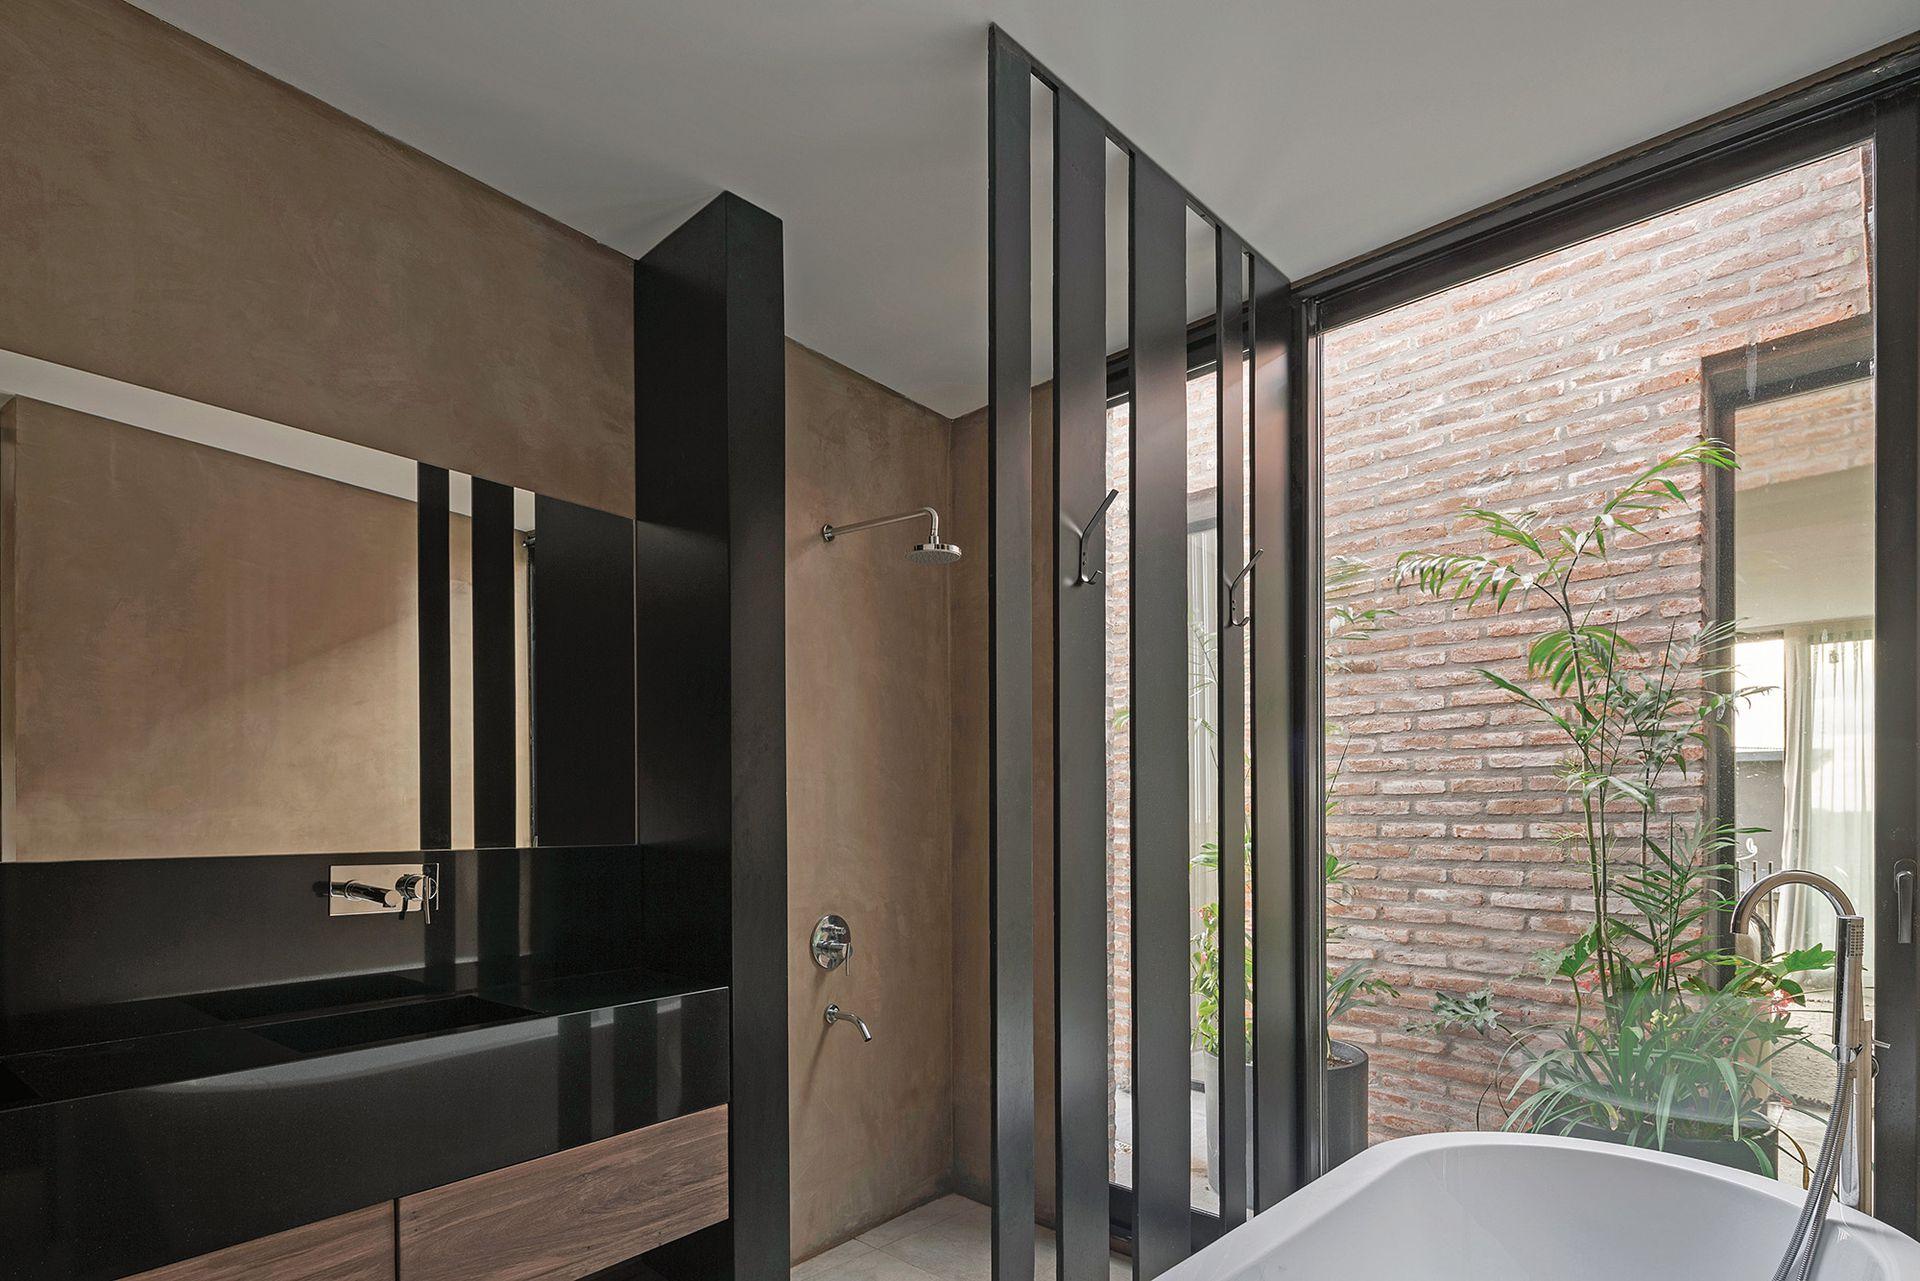 El baño tiene revestimiento en estuco color visón (Tarquini) y mueble de petiribí con mesada en mármol negro Brasil. A modo de mampara, un panel con tiras de hierro laqueado.